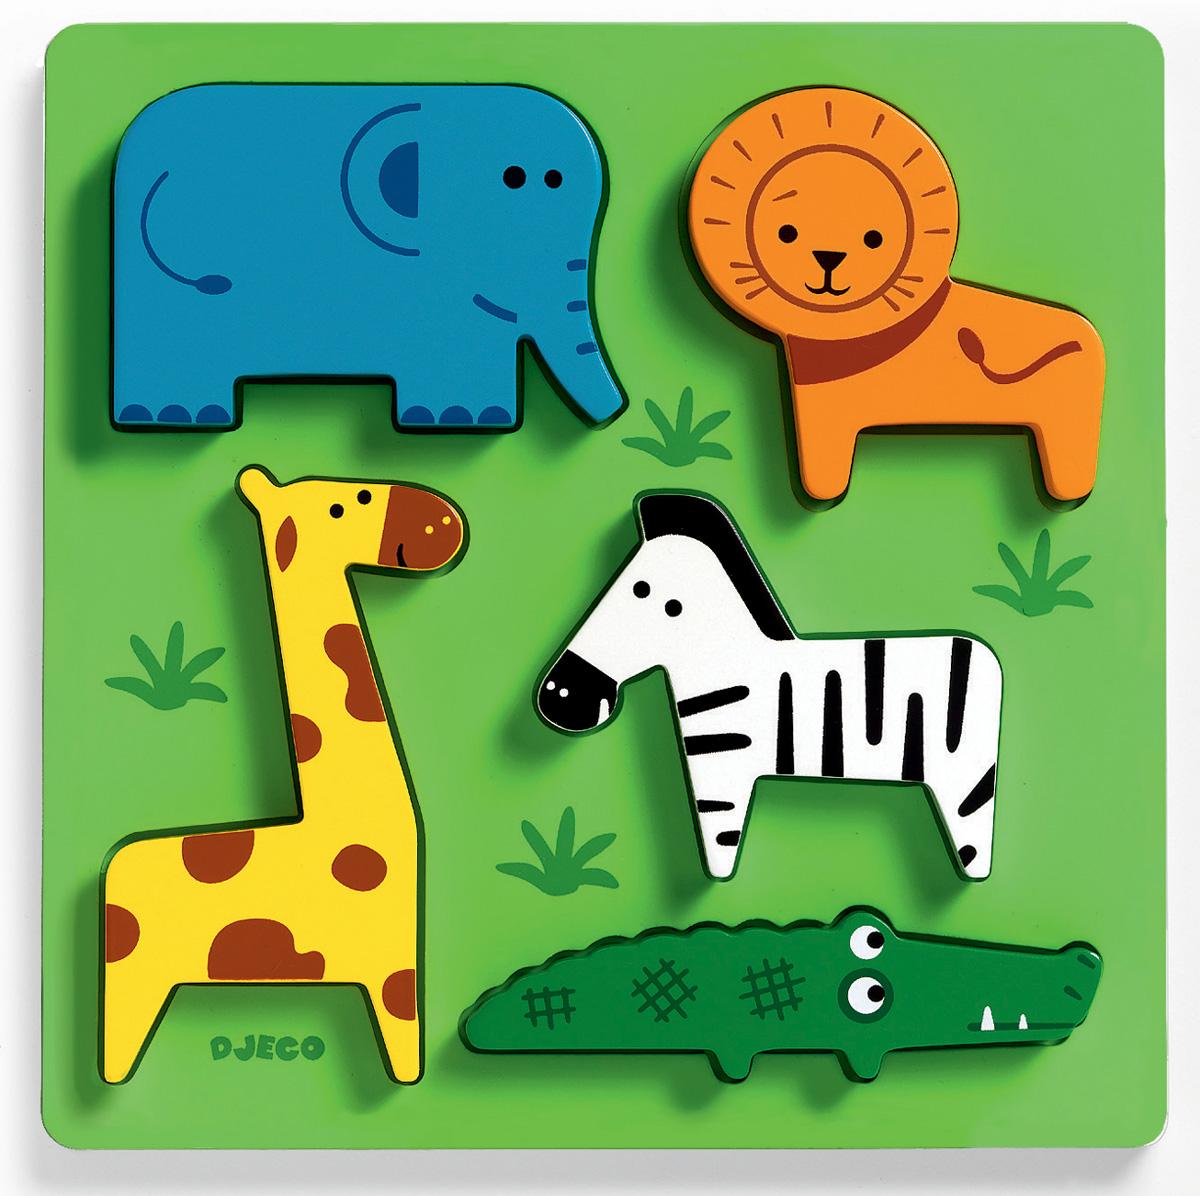 Djeco Пазл для малышей Животные сафари djeco пазл для малышей лесные животные